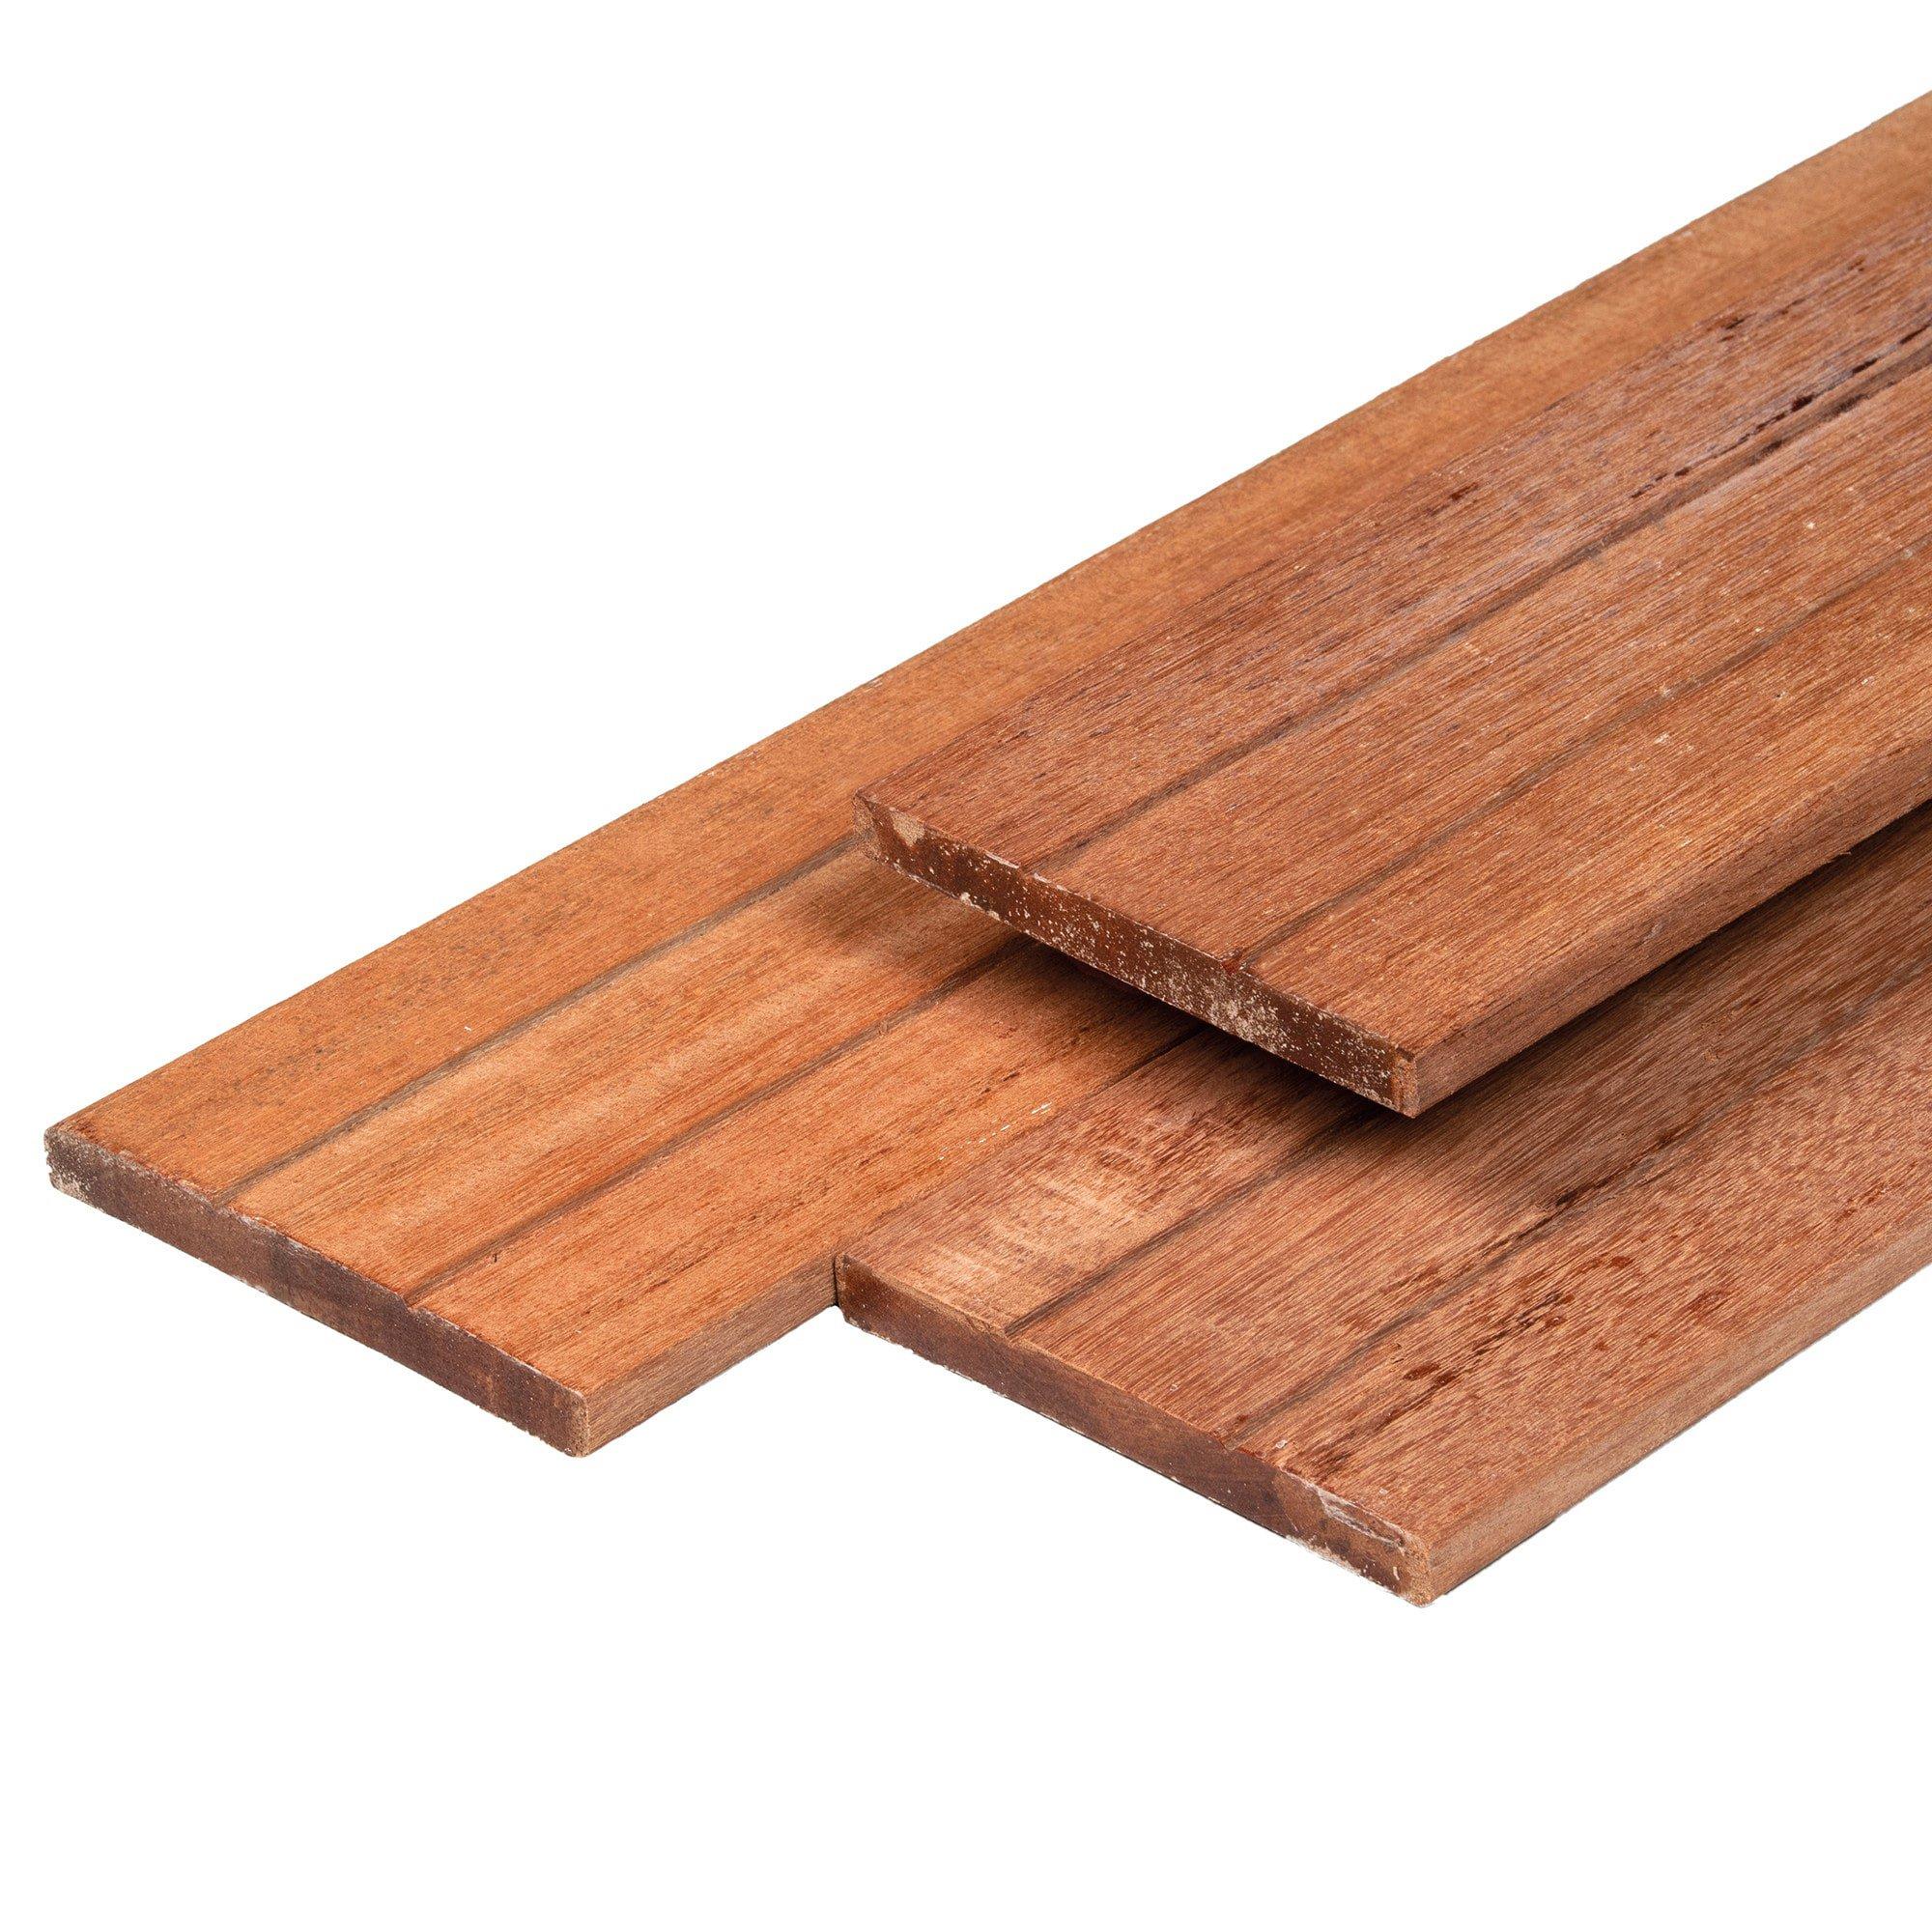 Hardhouten plank geschaafd 16 x 145 mm. Type: Keruing